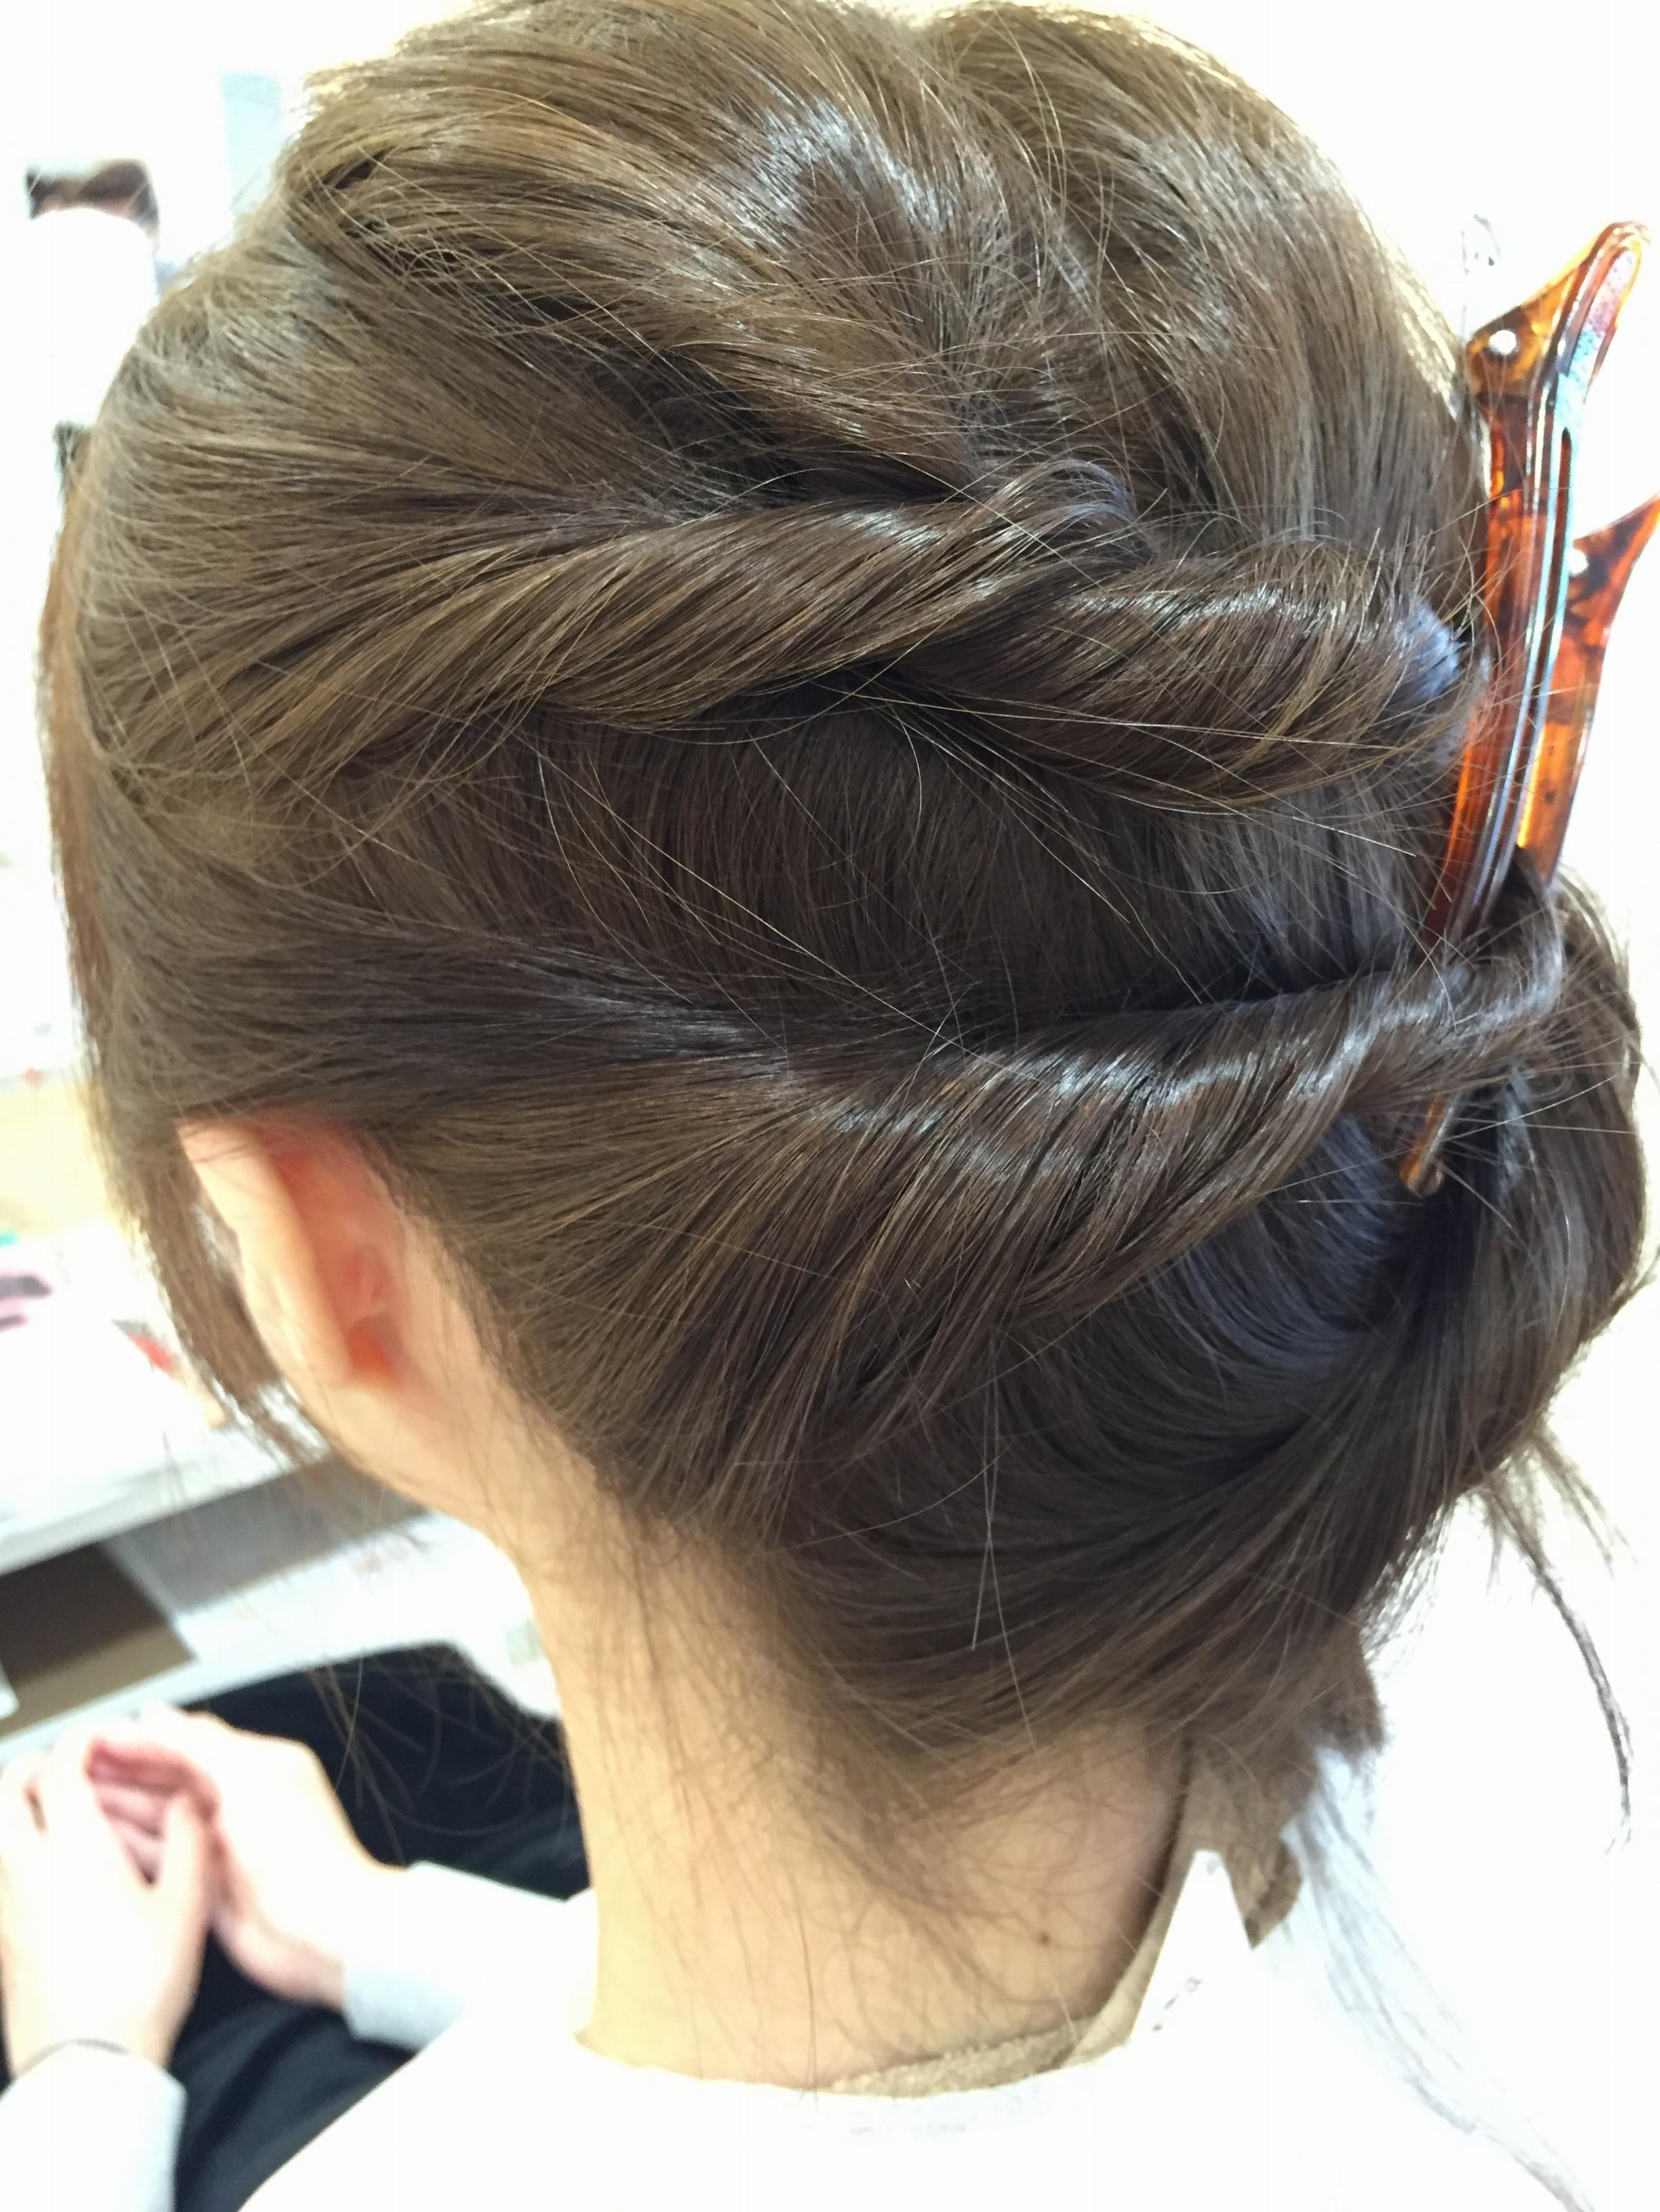 ヘアアレンジに差をつけよう!夏のまとめ髪にオススメのハイライト☆_3